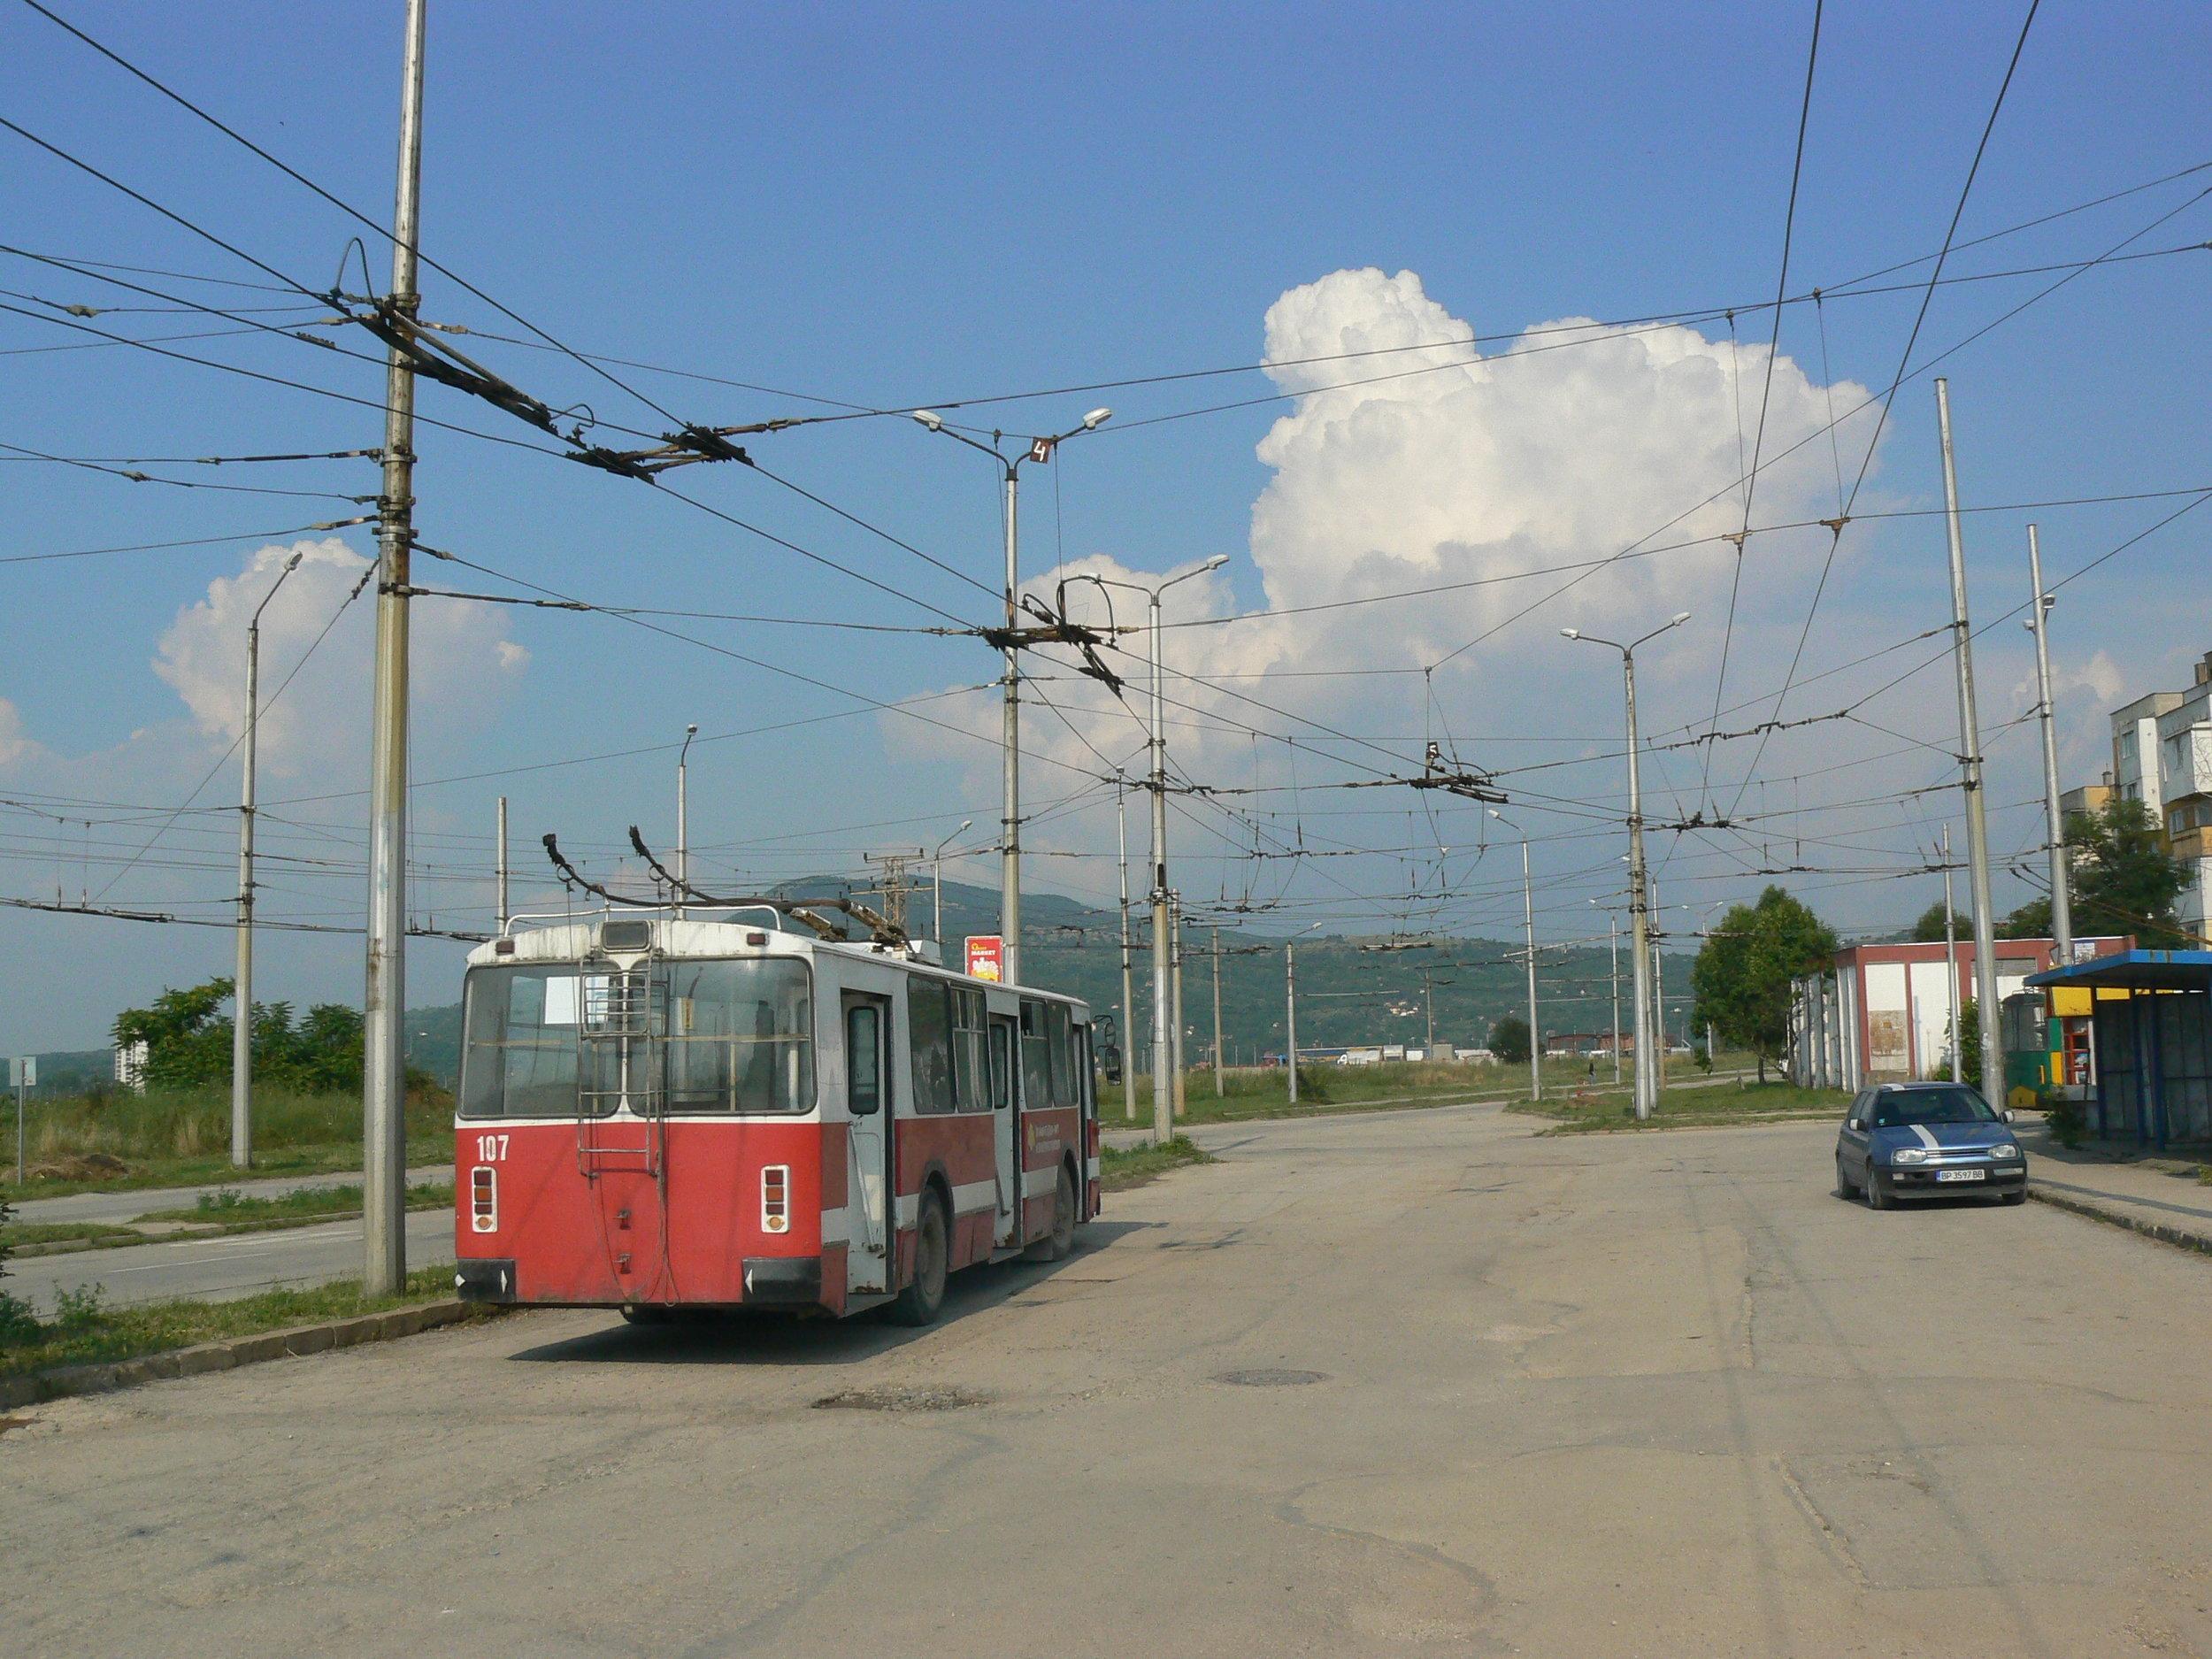 Snímky v této galerii jsou z července 2014. Na prvním z nich konečná Blok 26, doprava vede trať k vozovně.